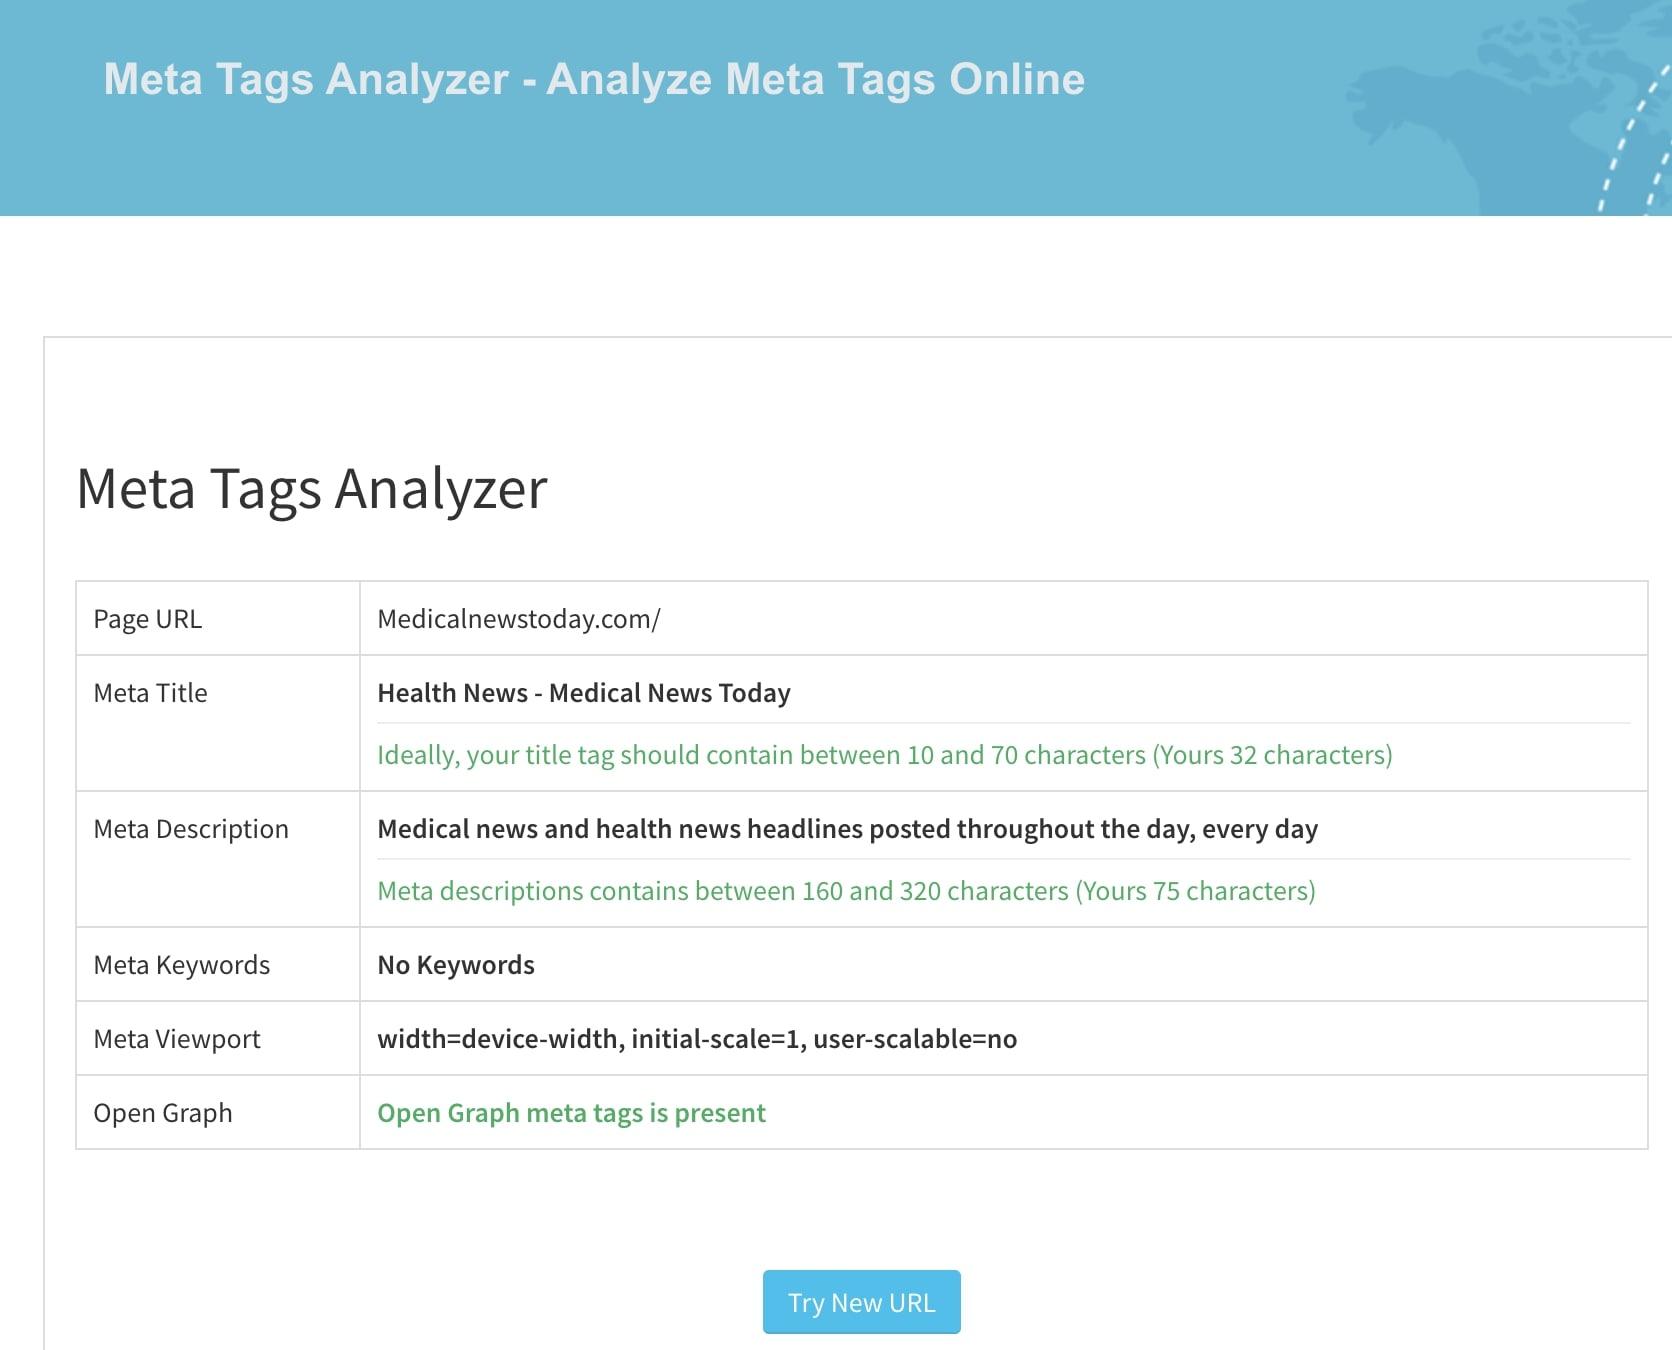 analyzed-meta-tags